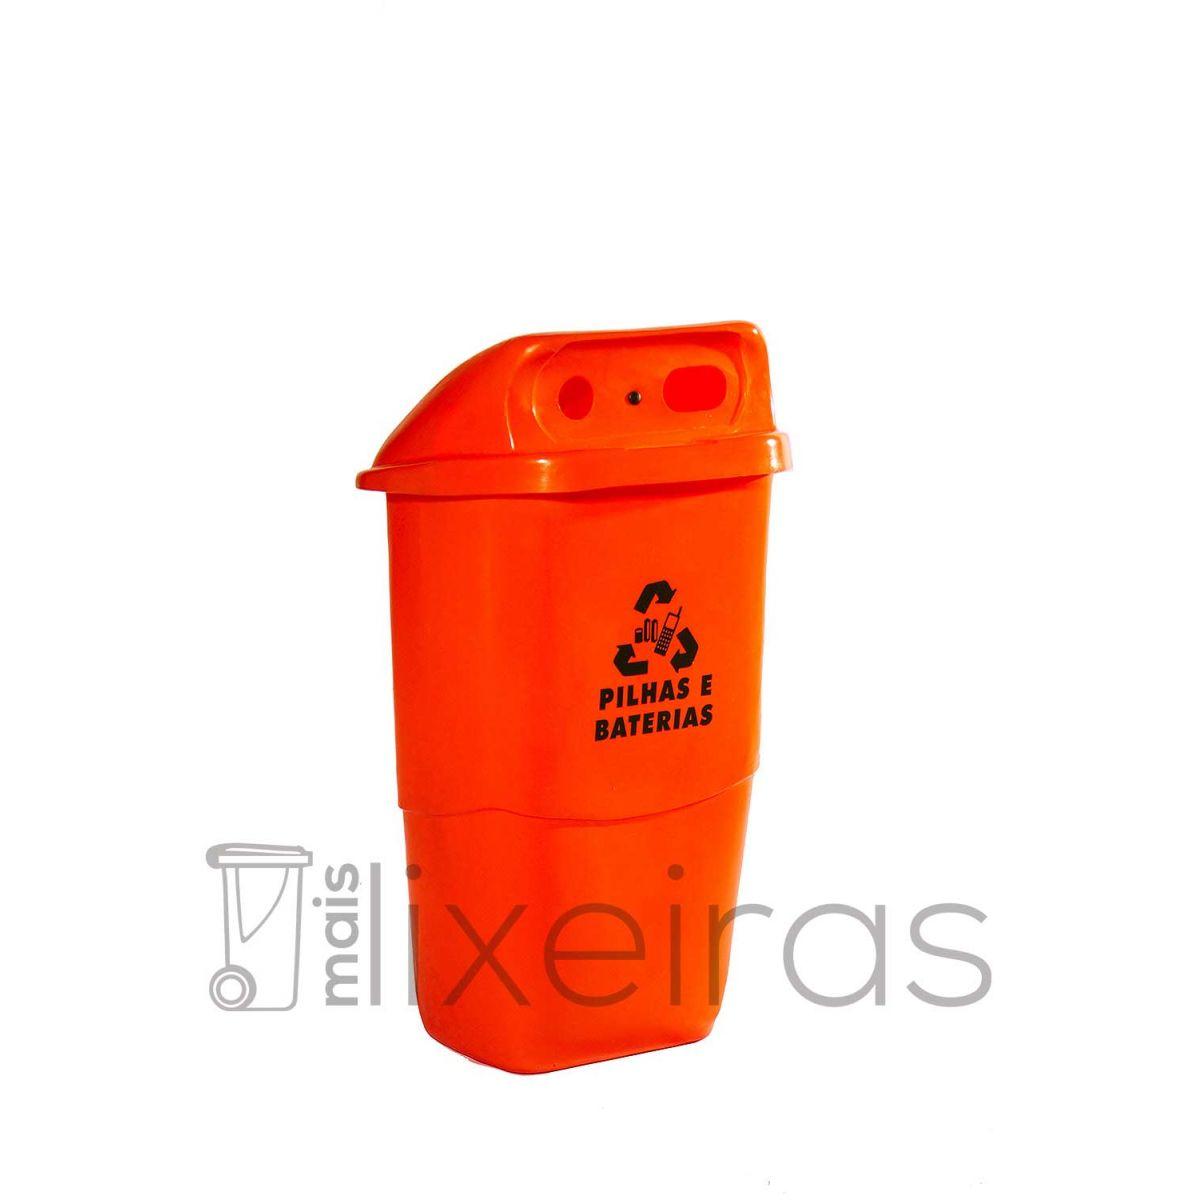 Coletor grande pilhas, baterias e celulares  - 50 litros